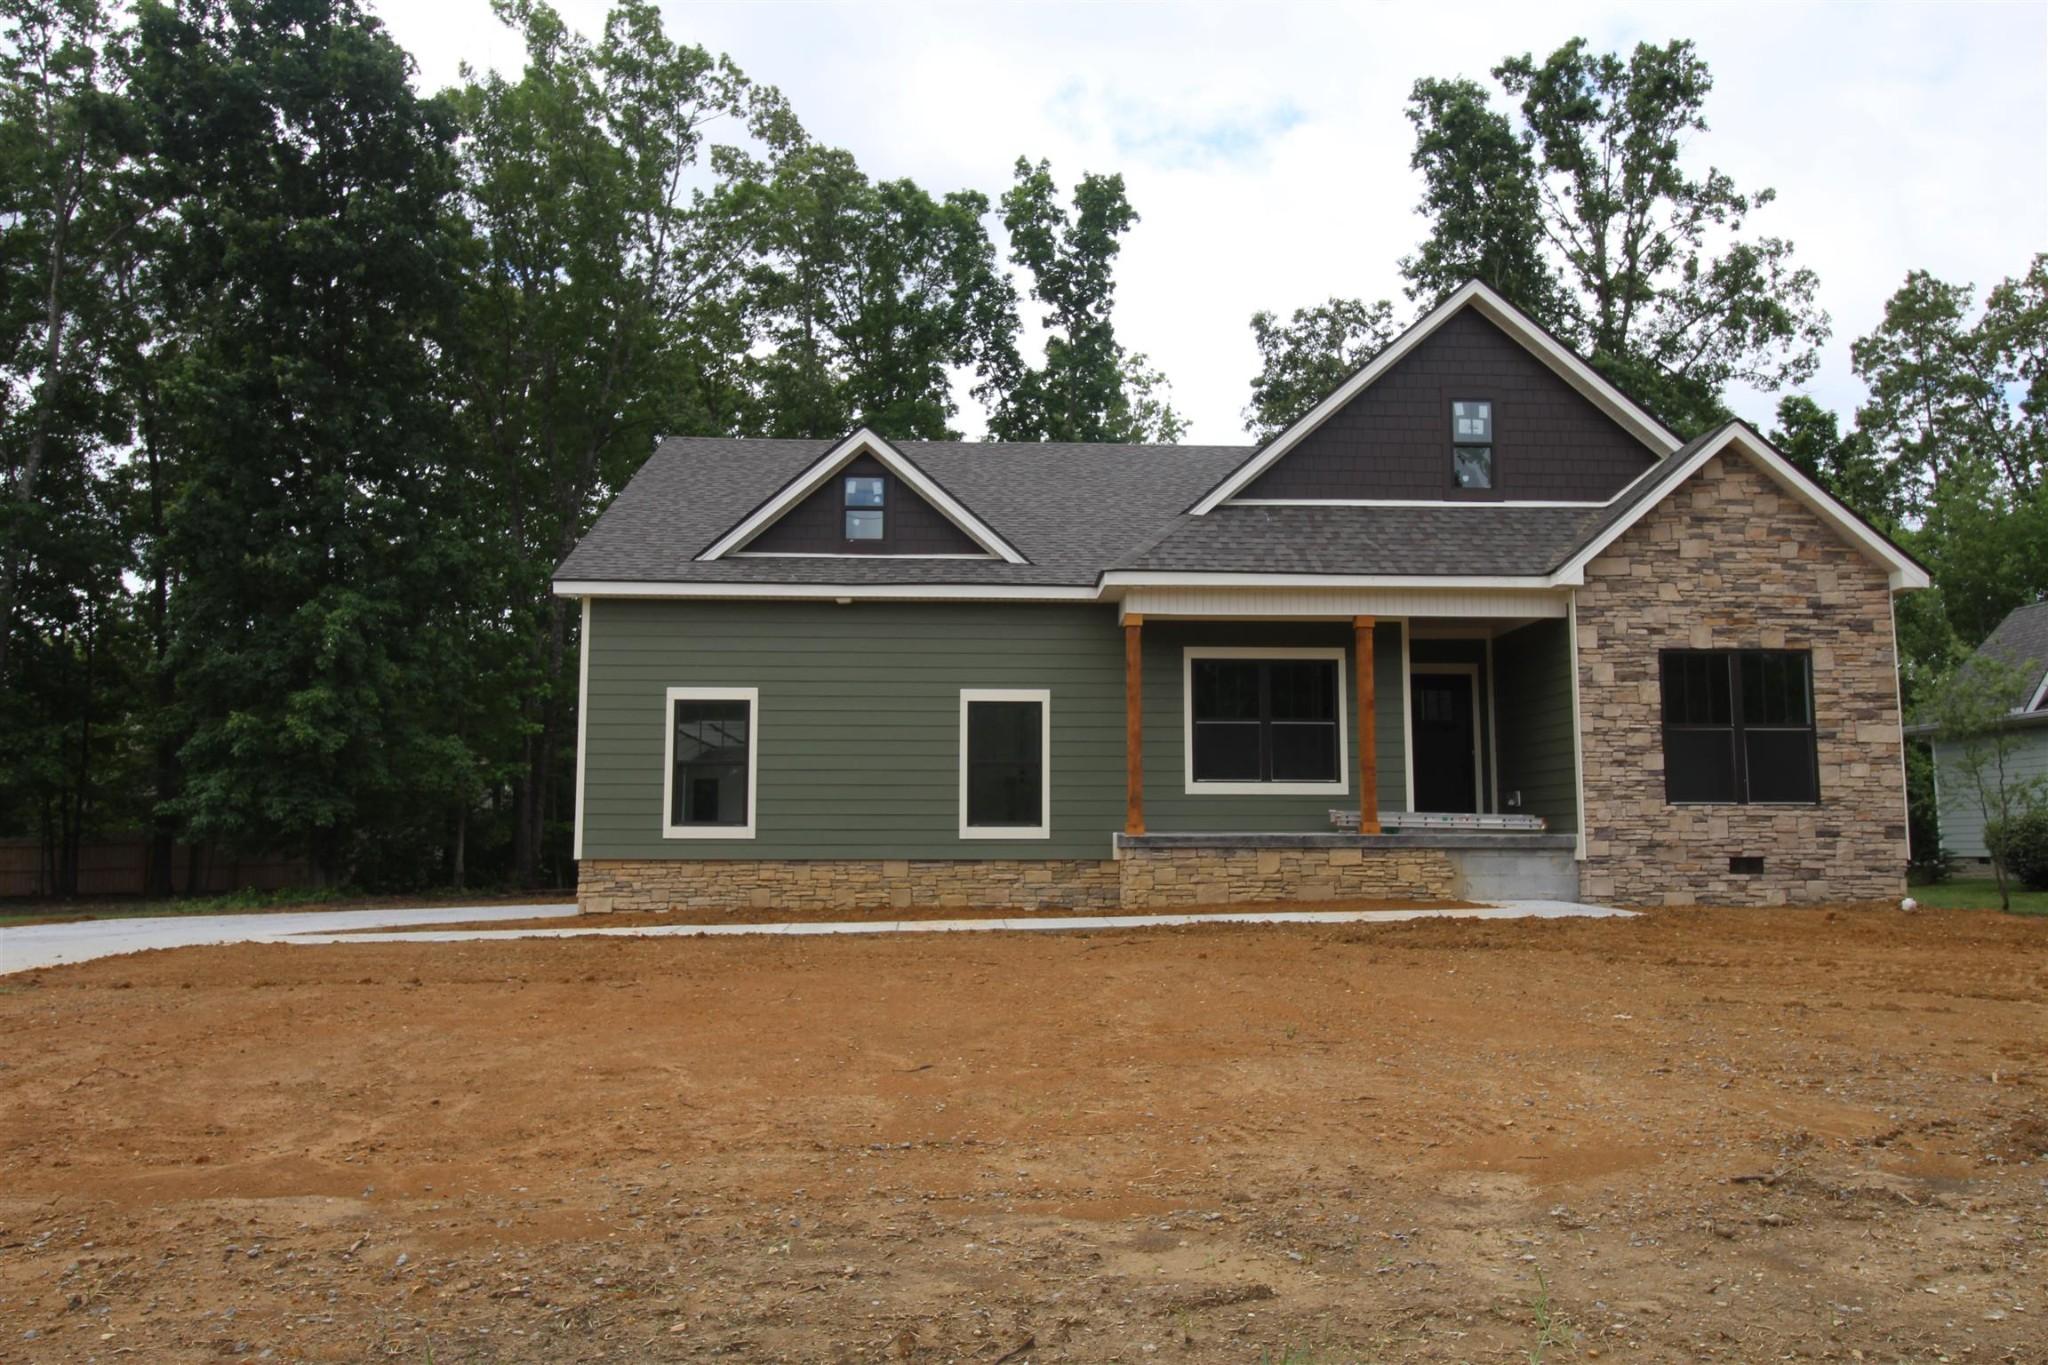 356 Oak Glen Dr (Lot 37), Smithville, TN 37166 - Smithville, TN real estate listing